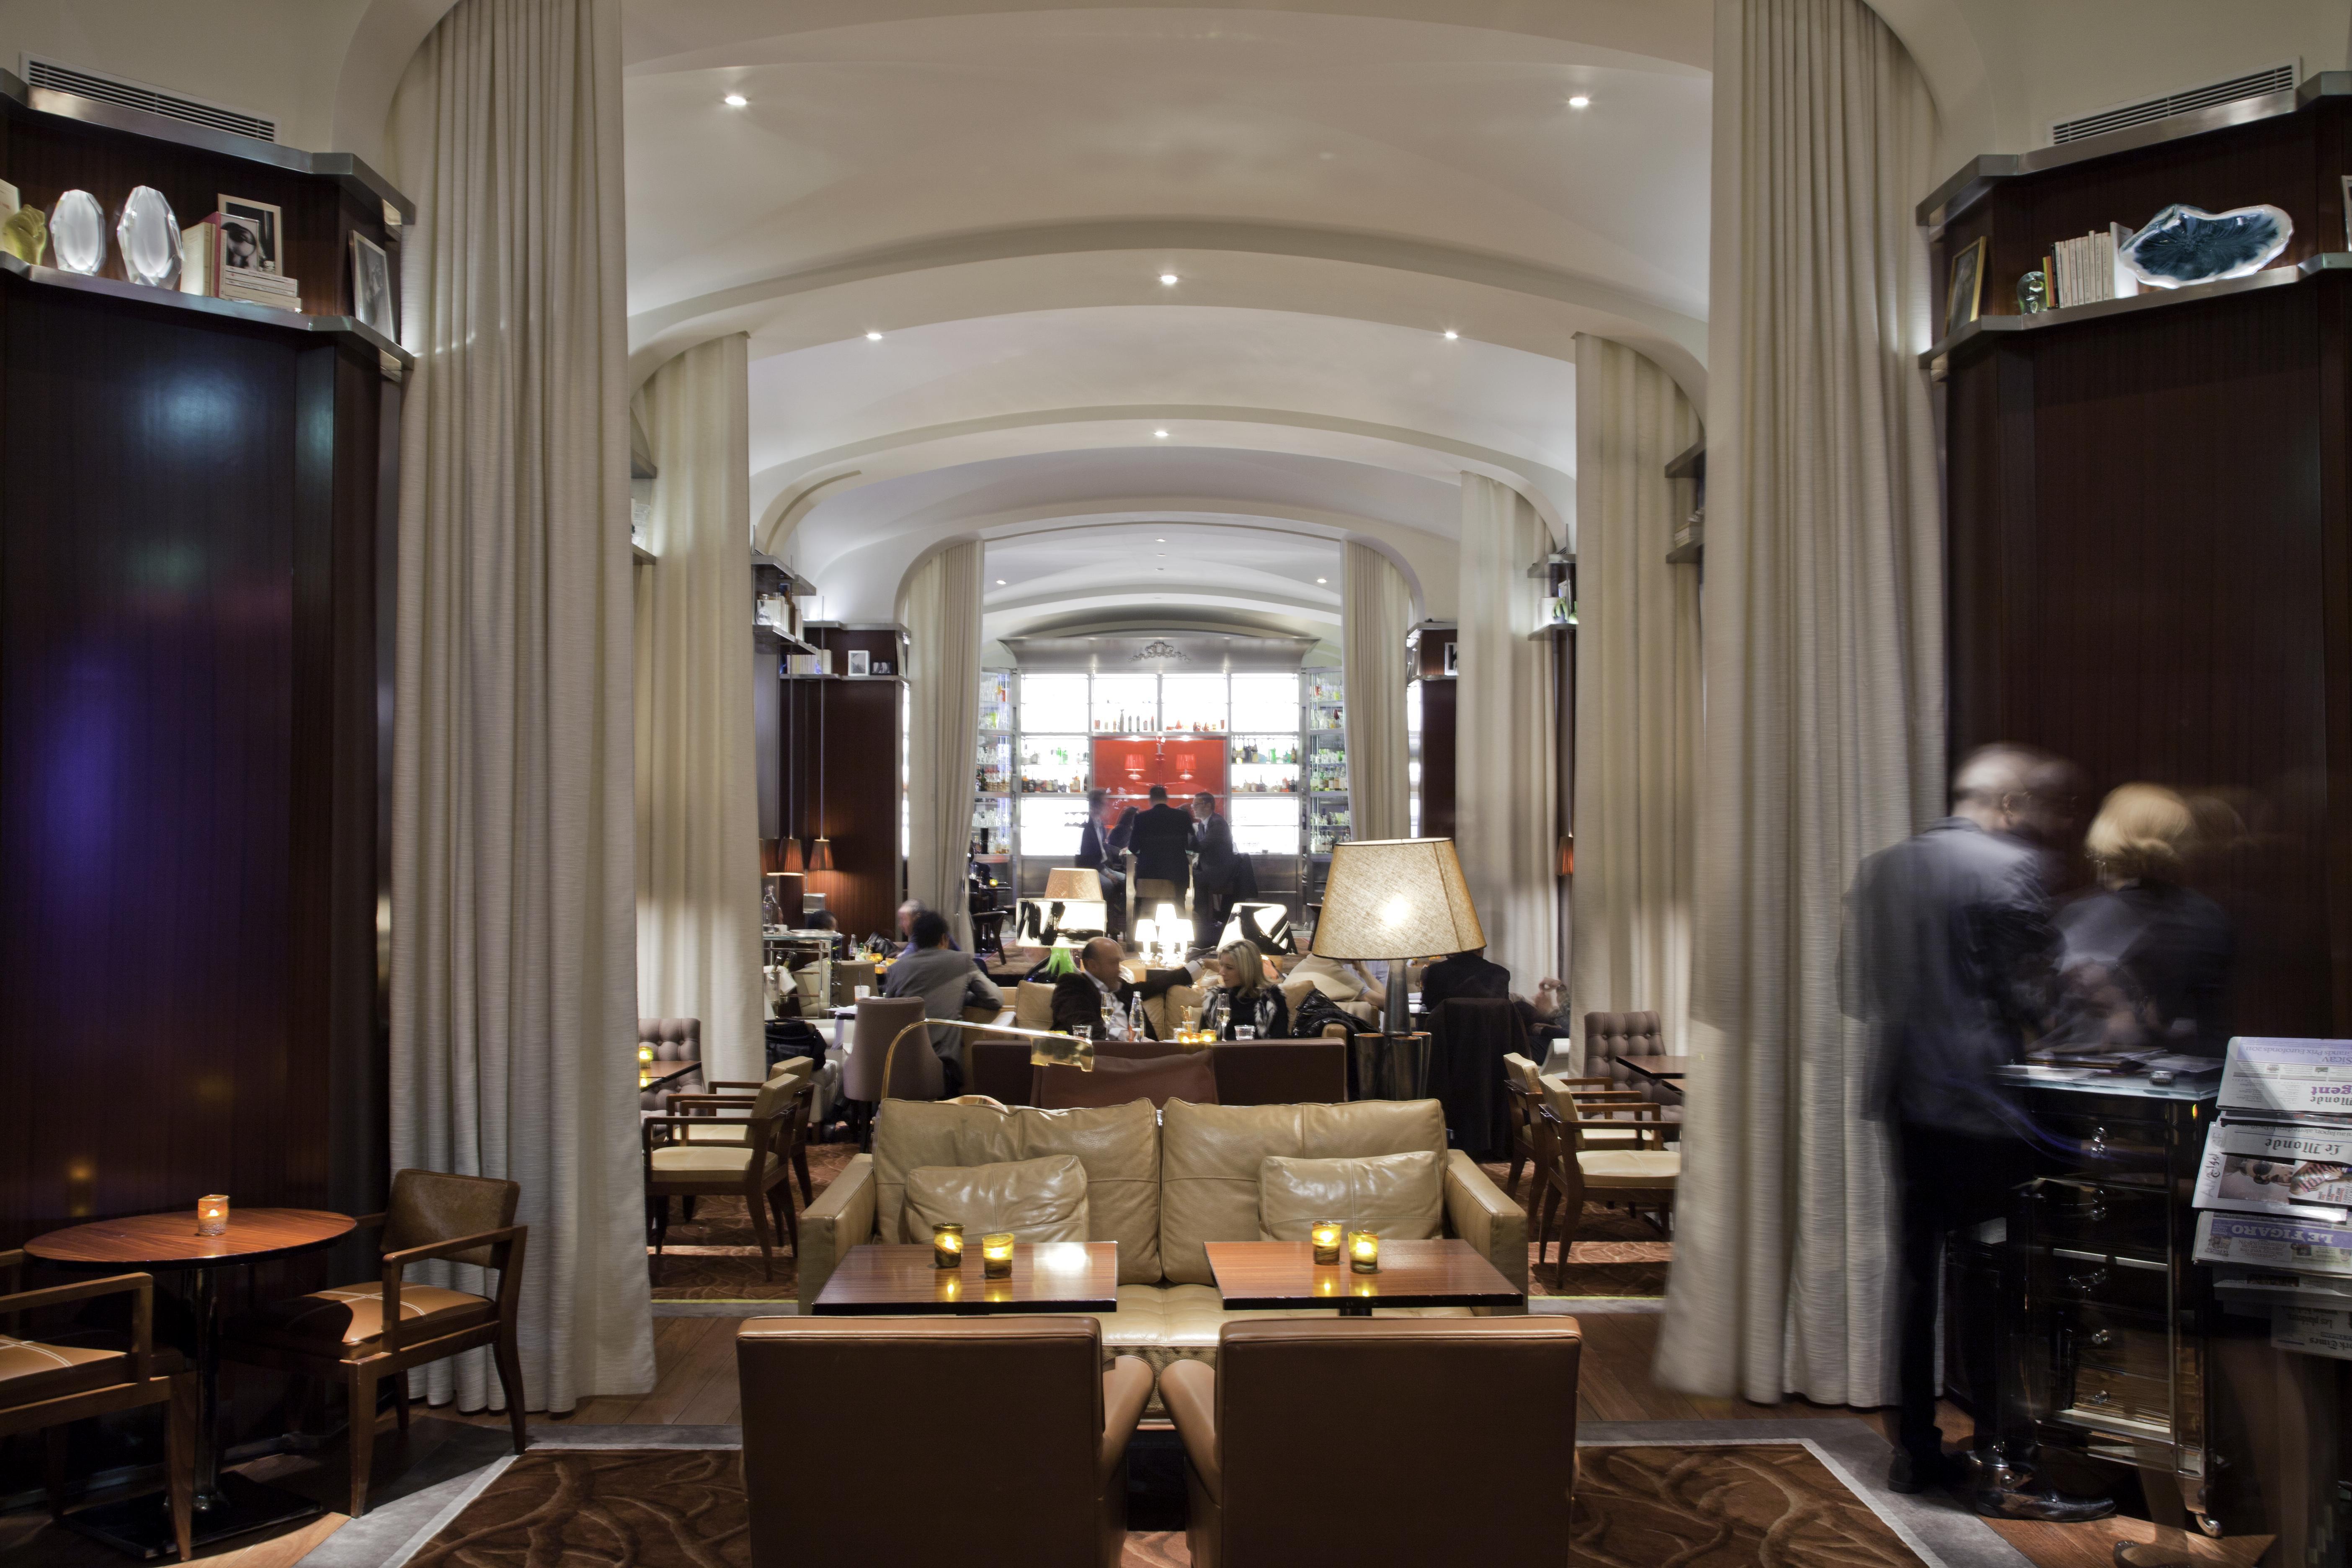 Le Bar Long Hotel Cocktail Bar Le Royal Monceau